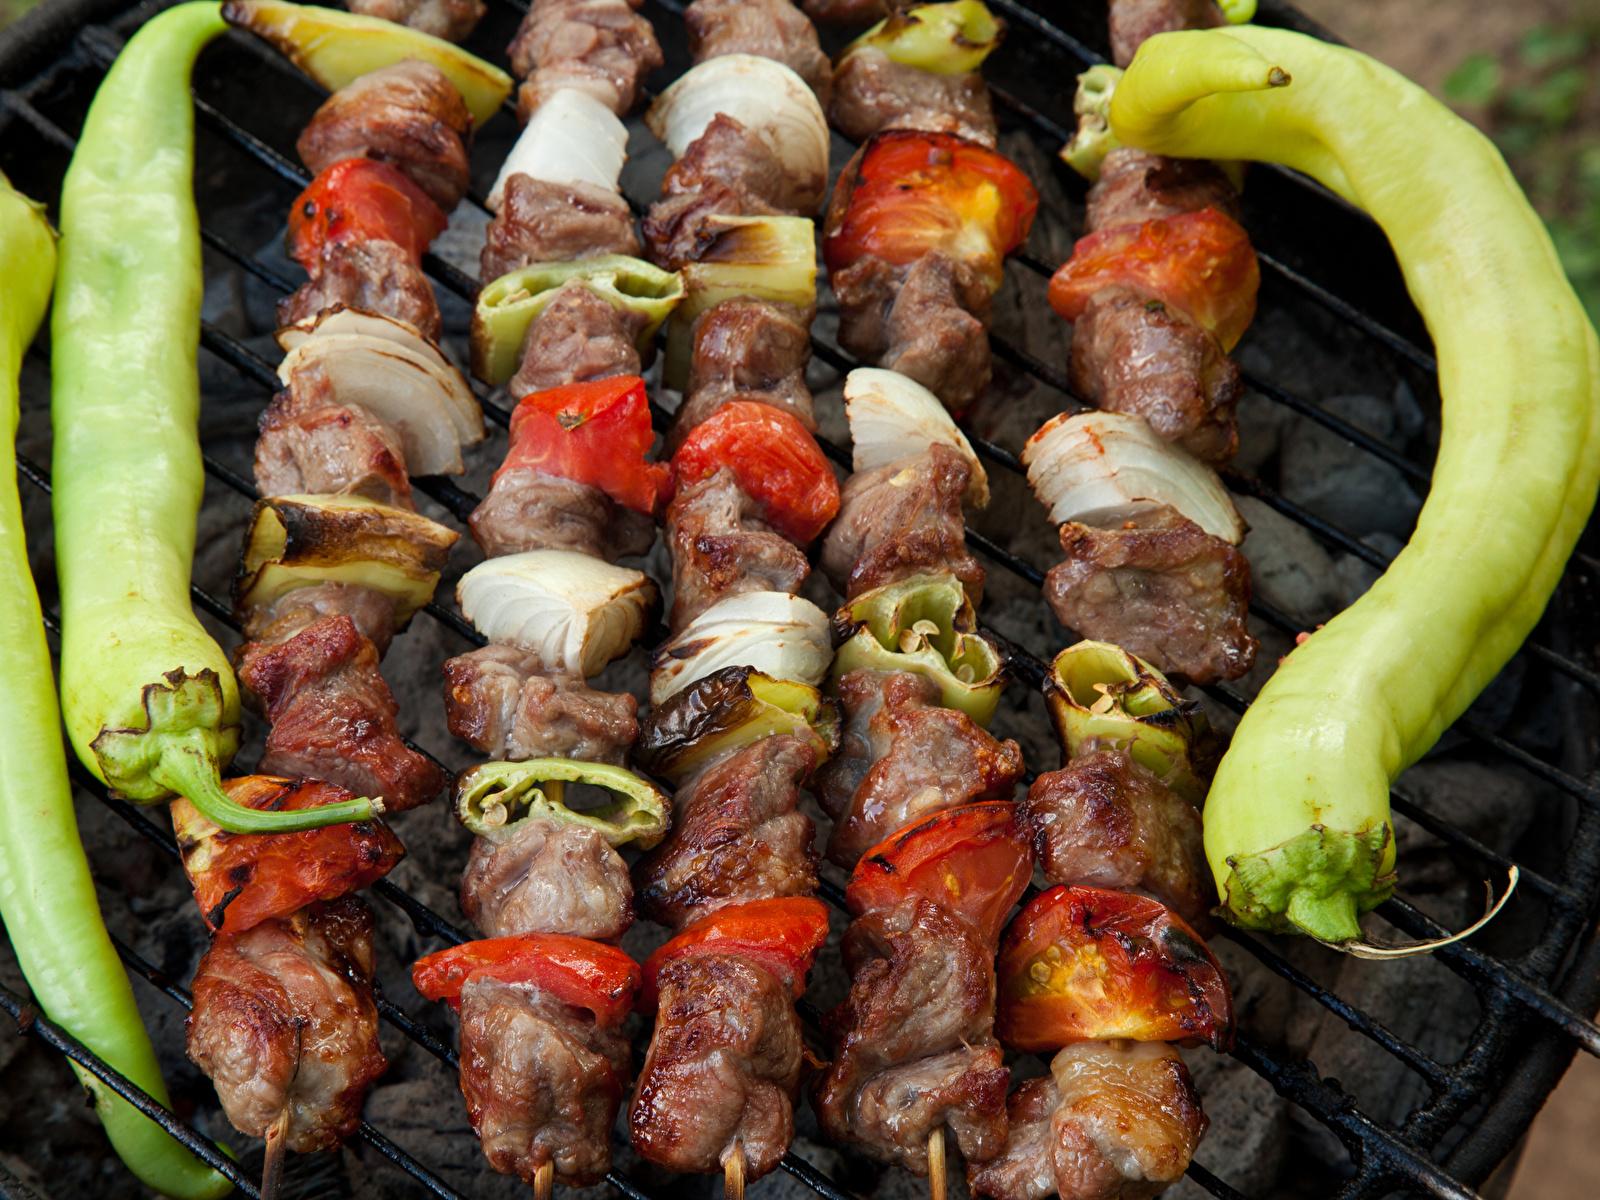 Fotos Schaschlik Gemüse Peperone Lebensmittel Fleischwaren 1600x1200